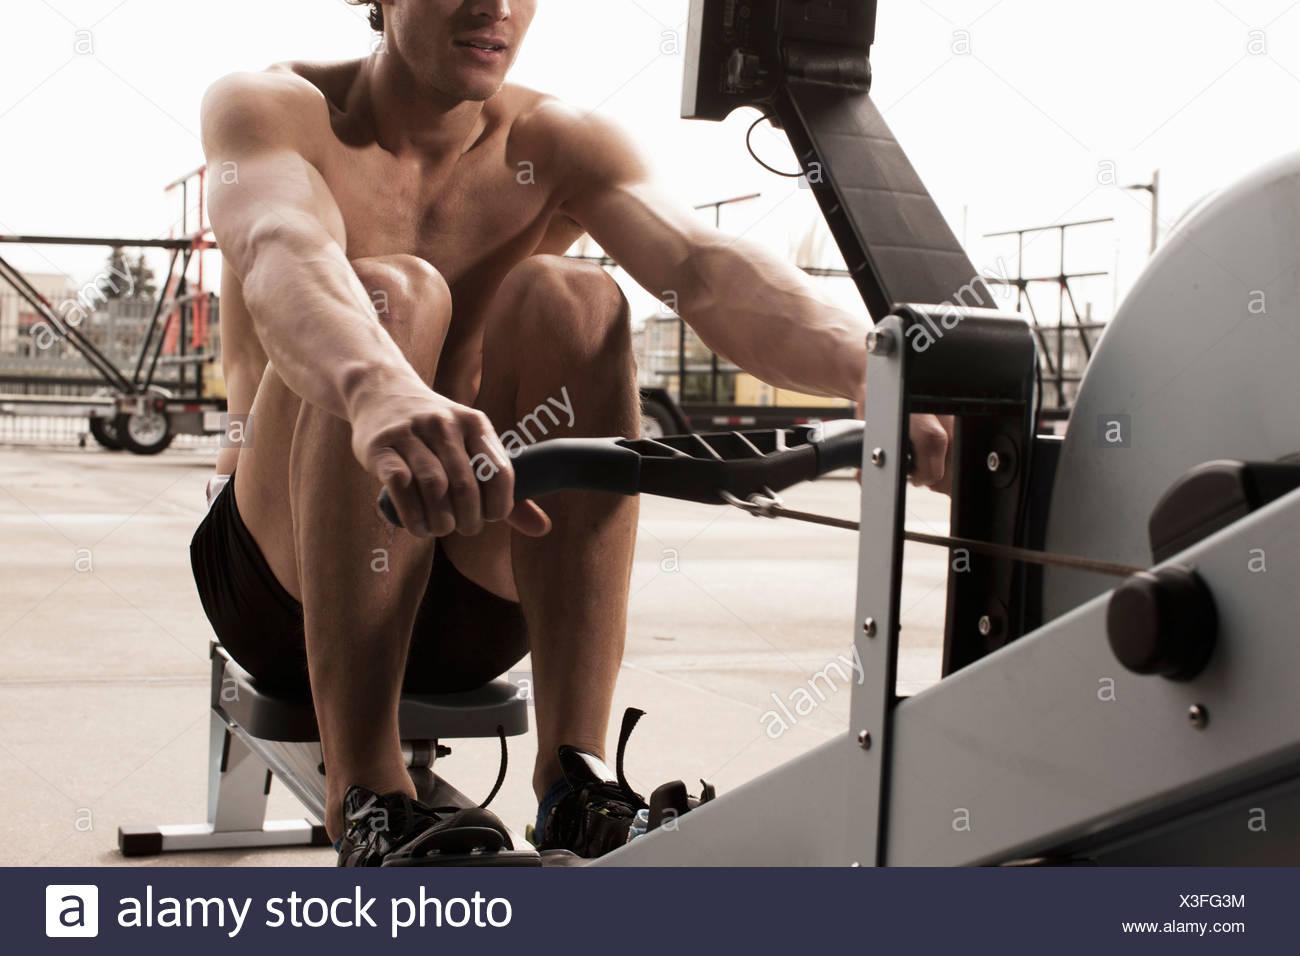 Uomo che utilizza attrezzature per esercizi in palestra Immagini Stock